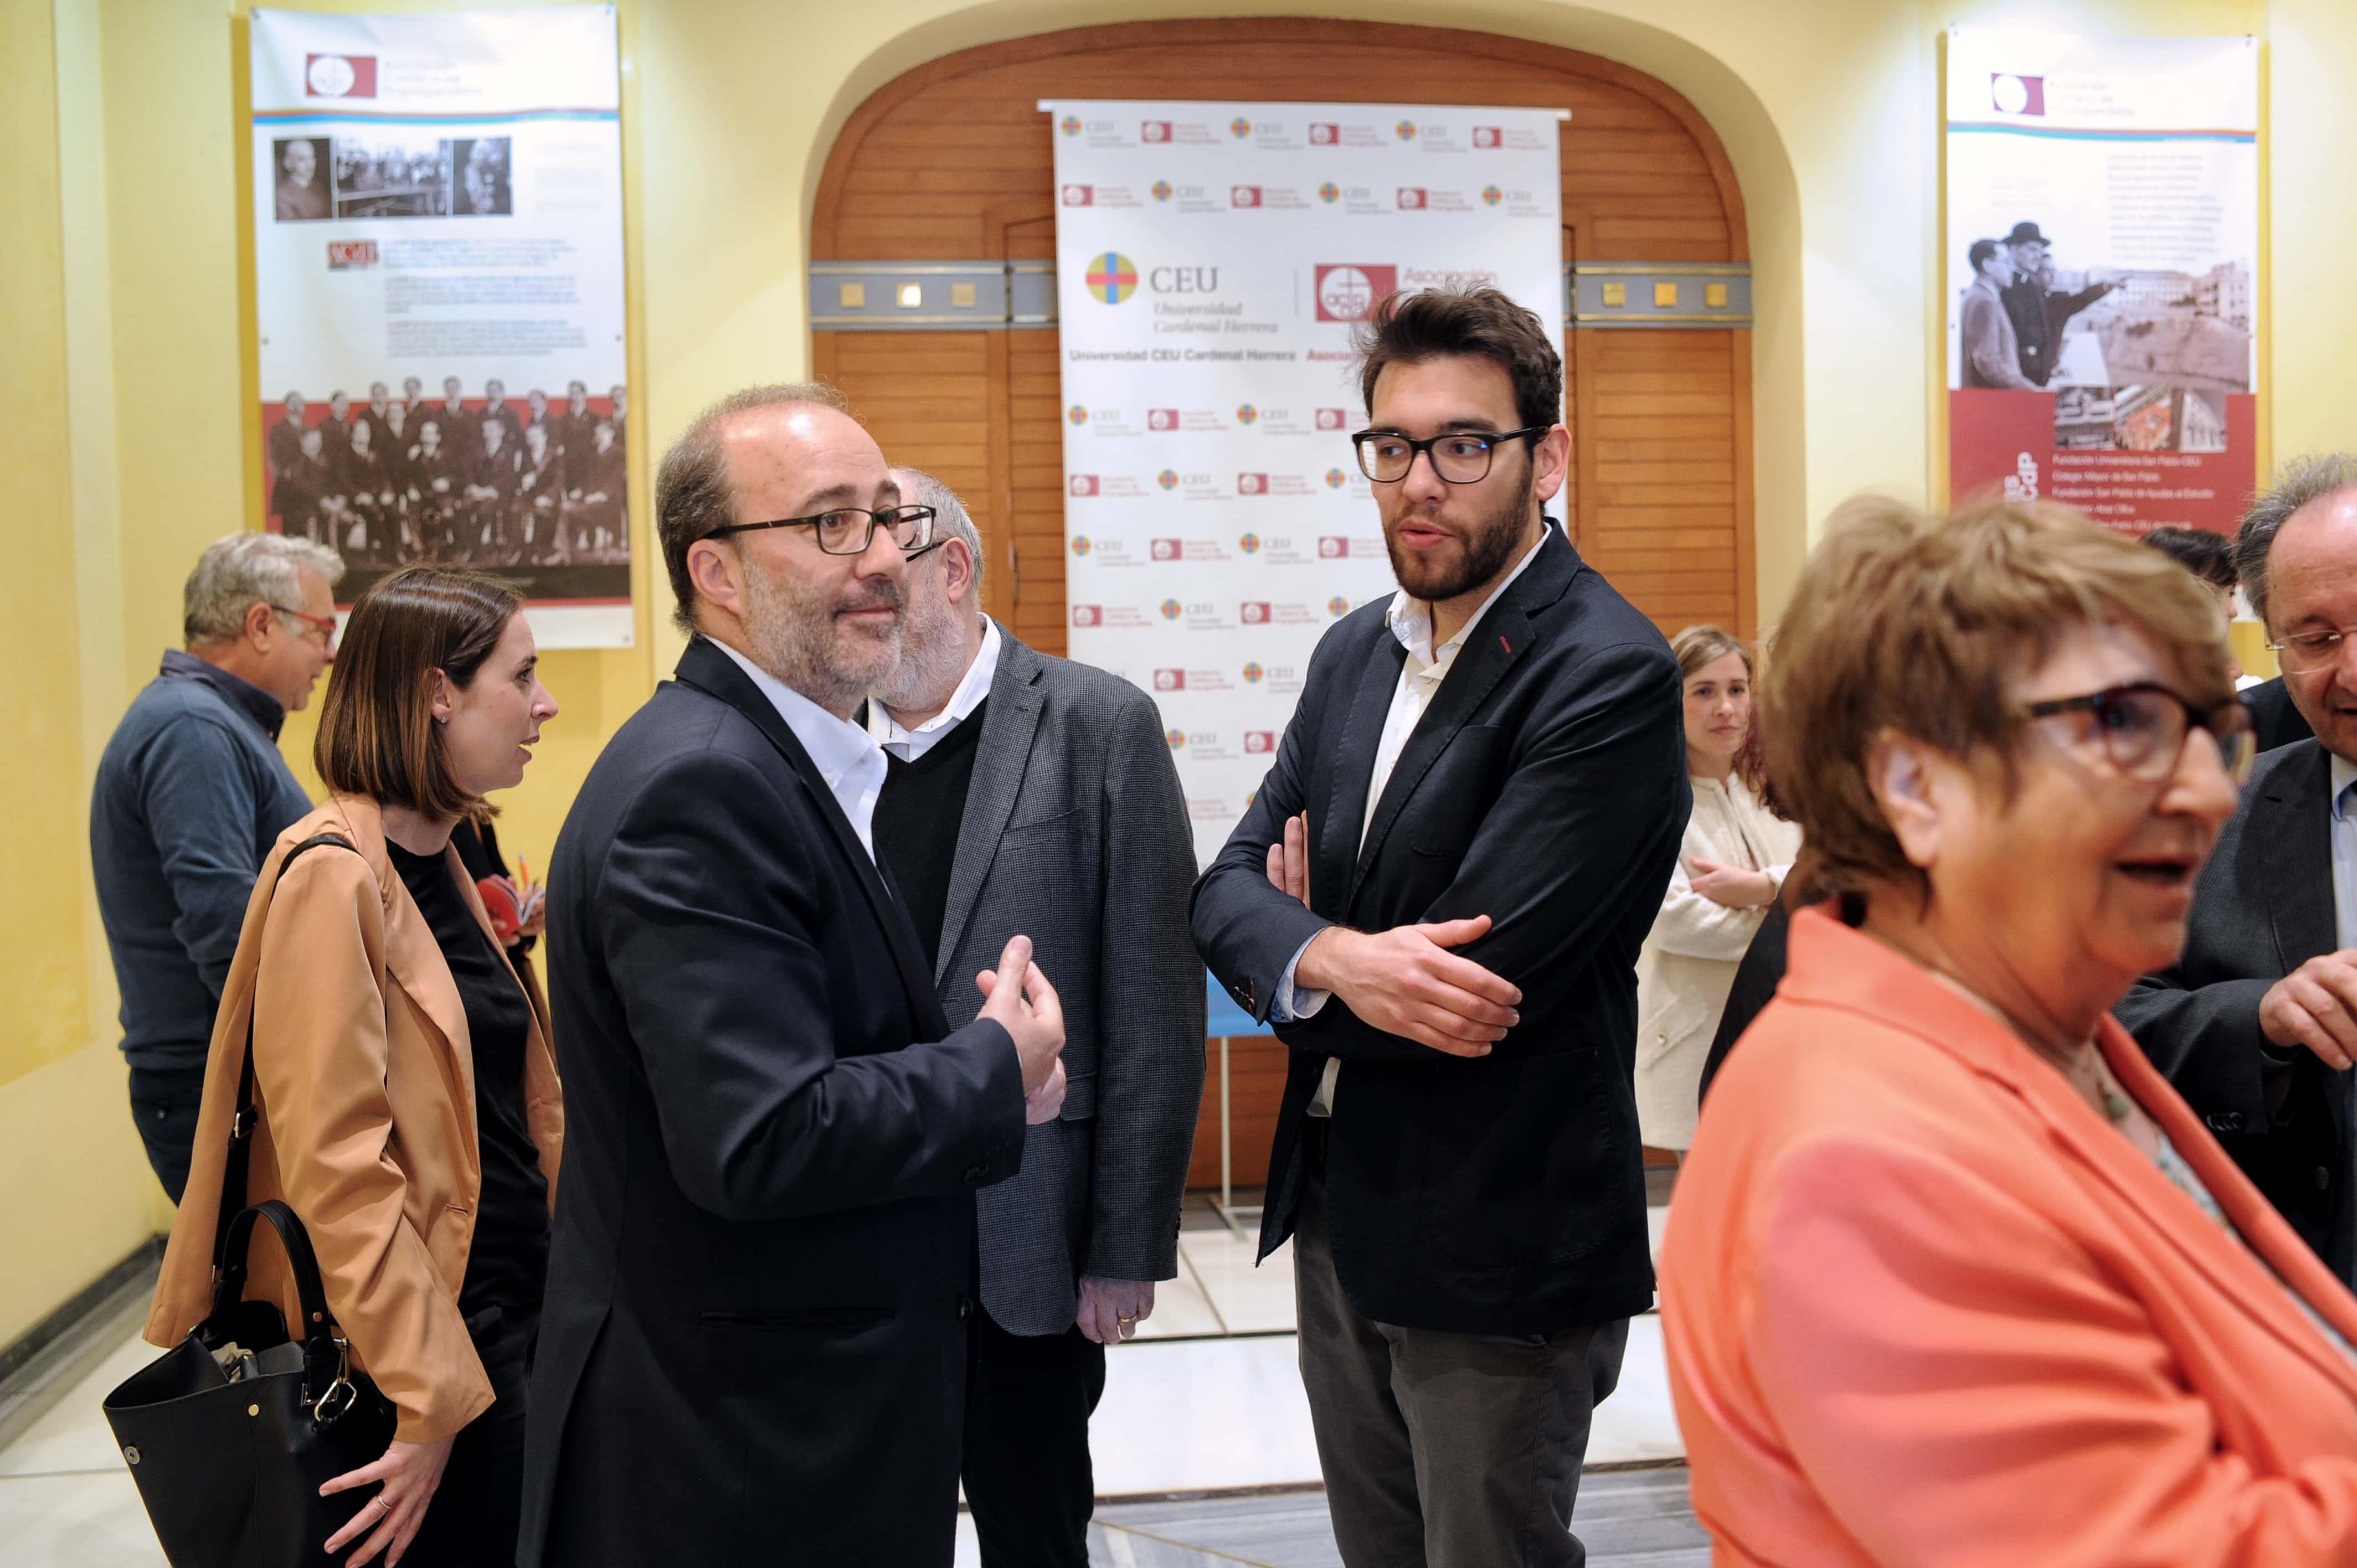 la-ceu-uch-y-la-autnoma-de-barcelona-premian-a-los-ayuntamientos-de-valencia-alzira-elche-y-castelln-por-la-transparencia-de-sus-webs-municipales_47592125451_o